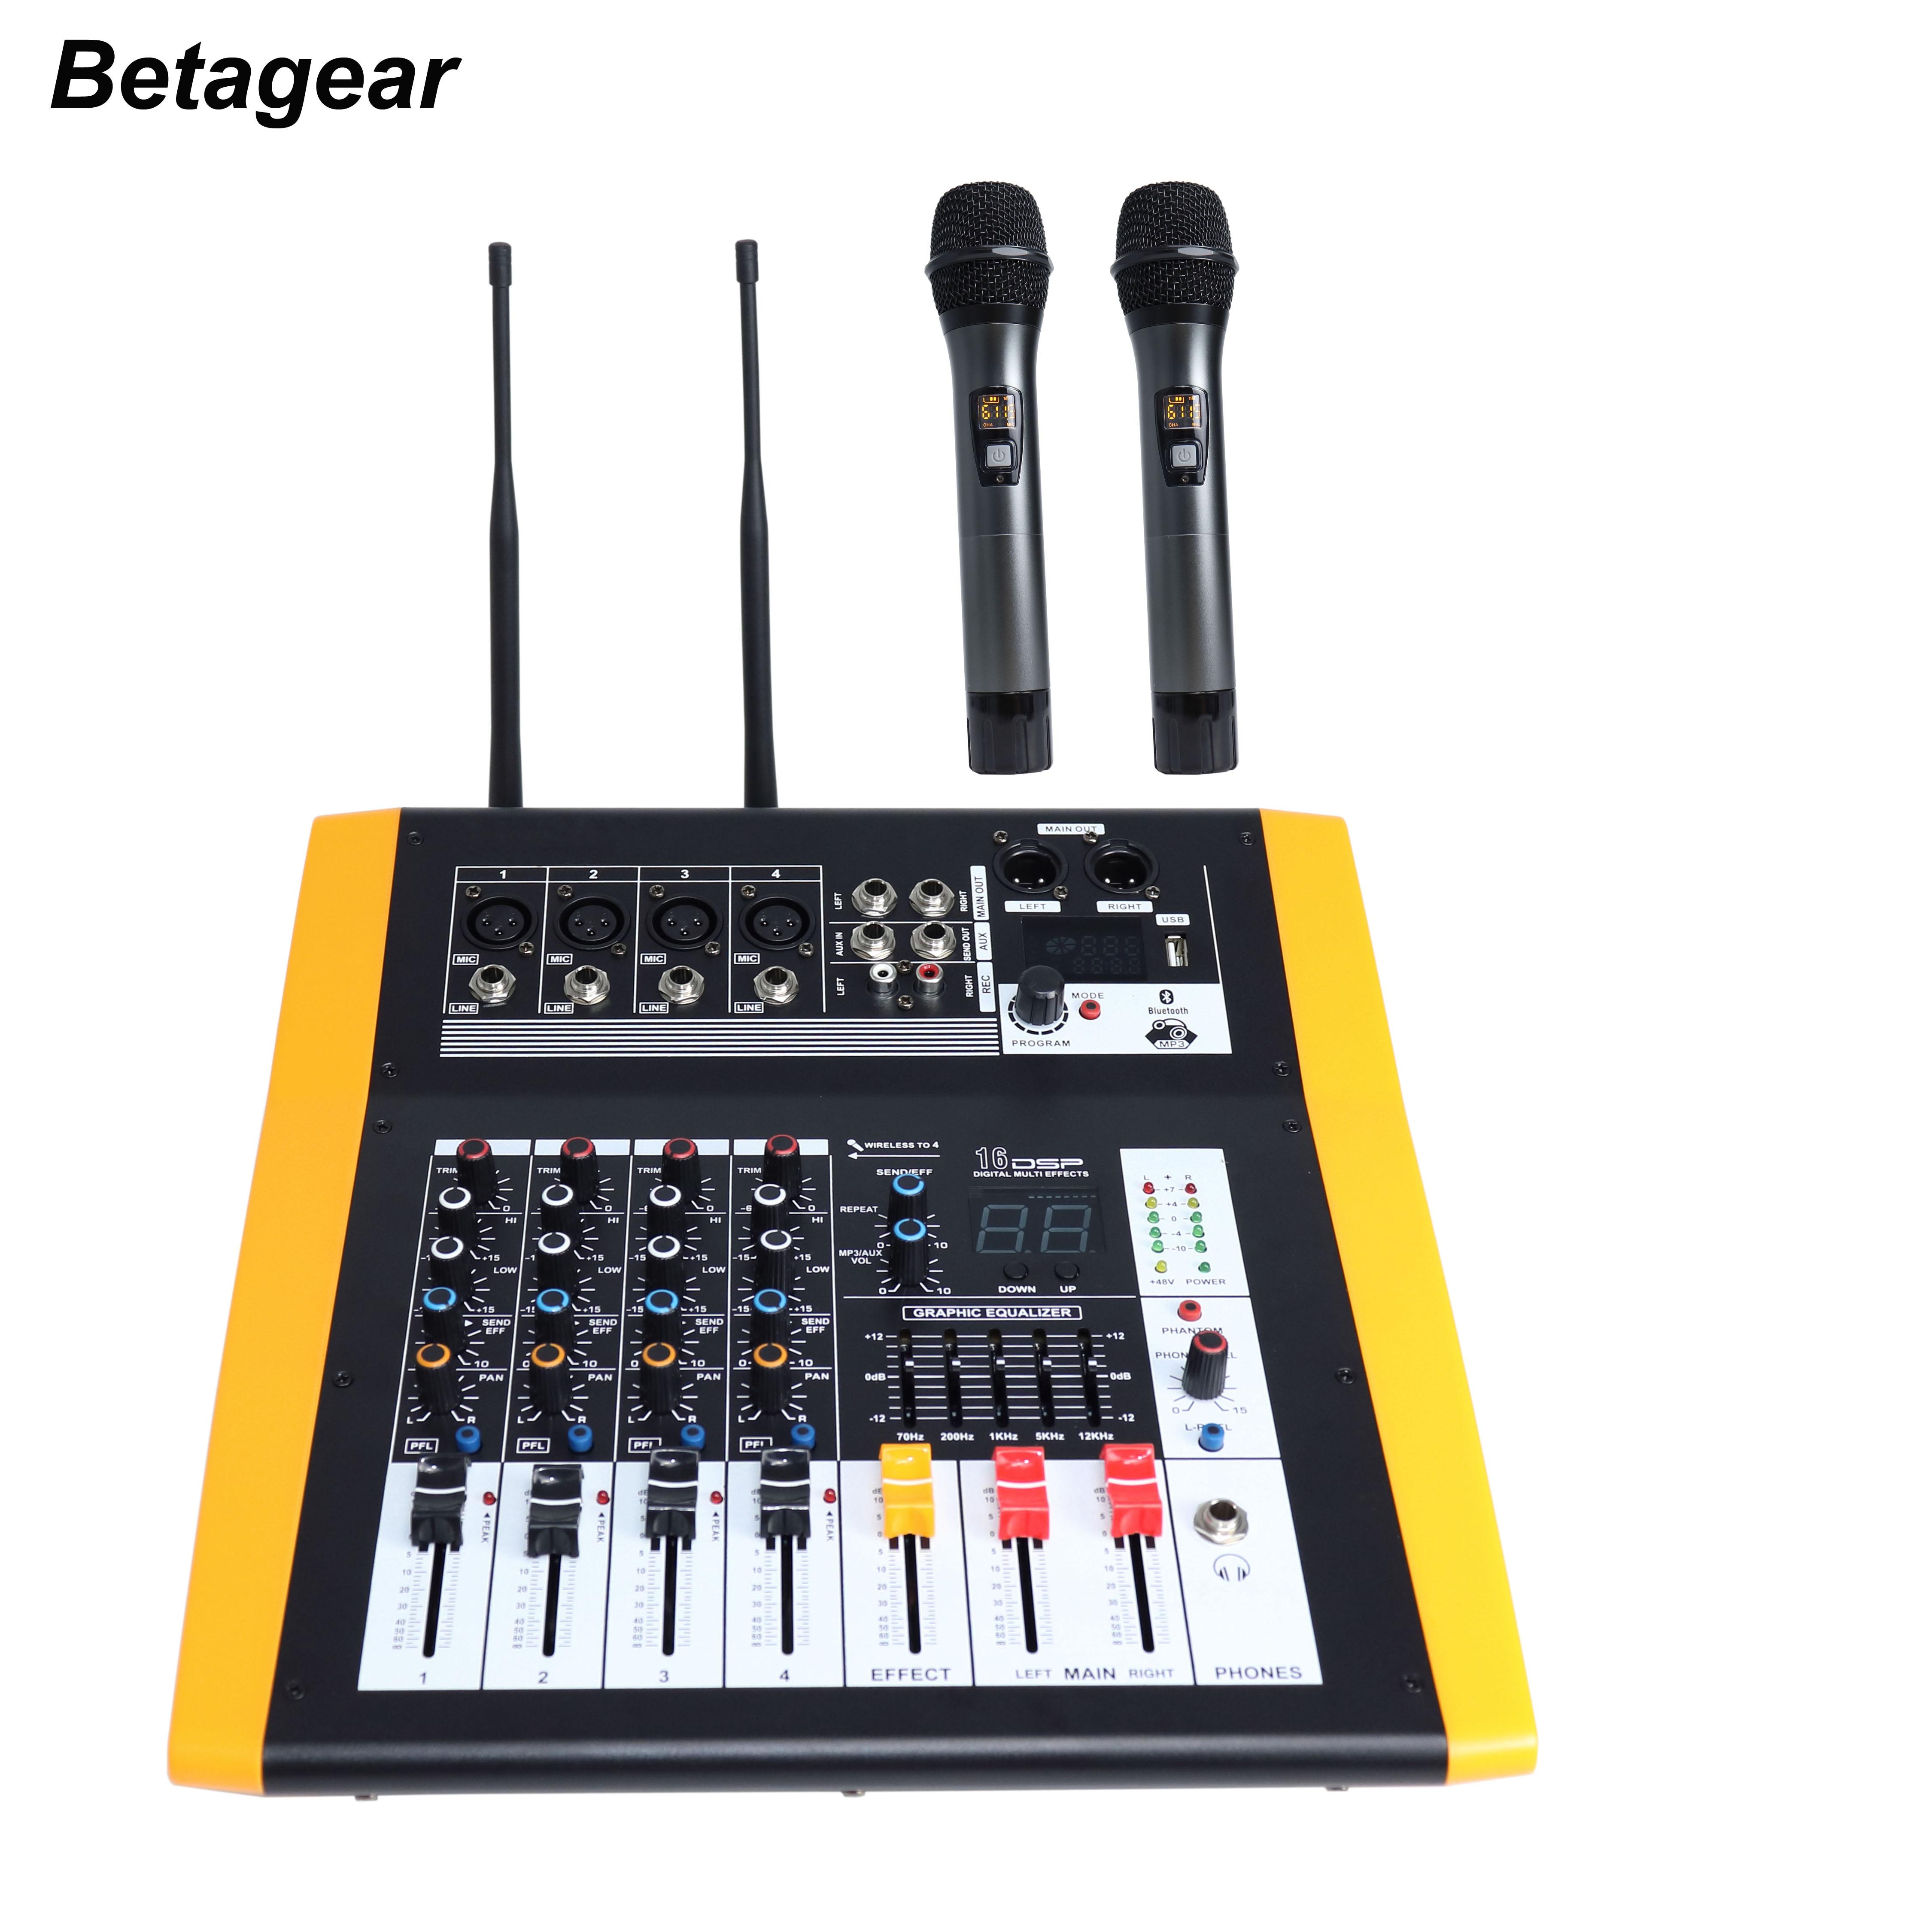 Betagear LE-40 power mixer mit uhf 4 kanal professionelle mischer dsp digital mixer 2 wireless mic